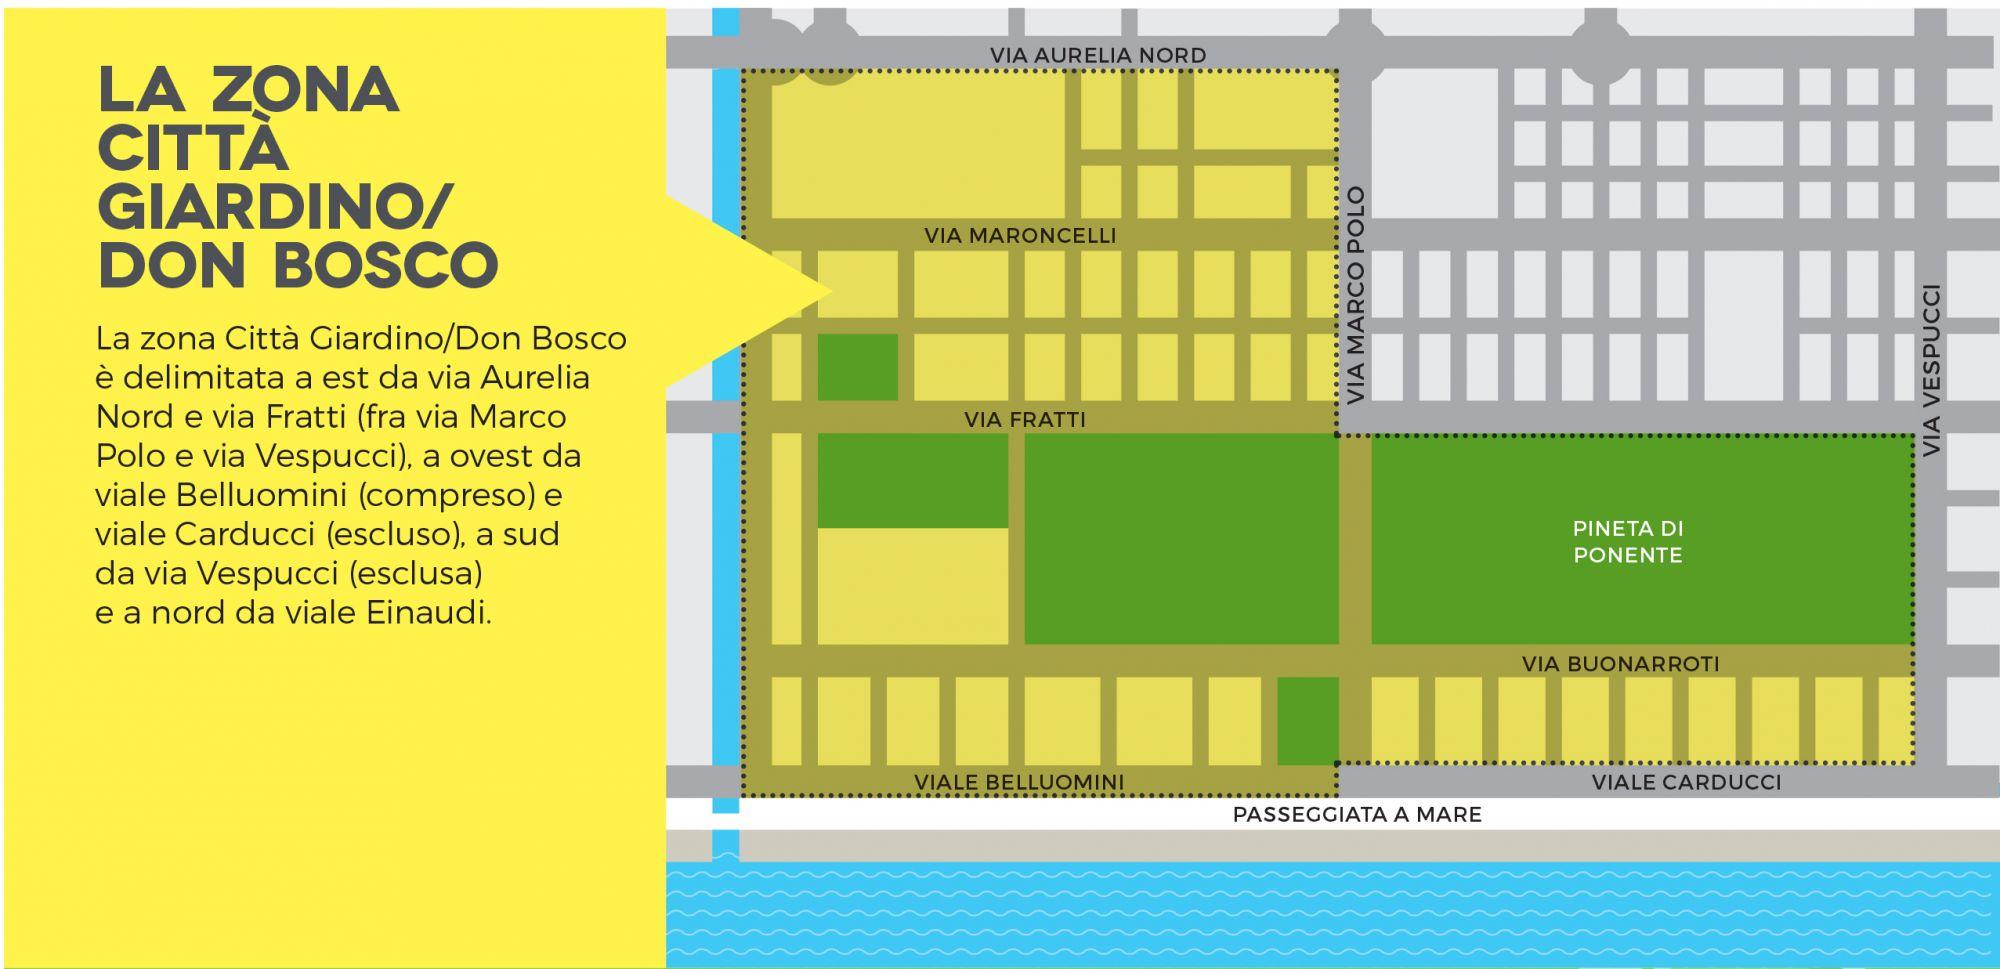 Tutto pronto per il porta a porta a Città Giardino e Don Bosco